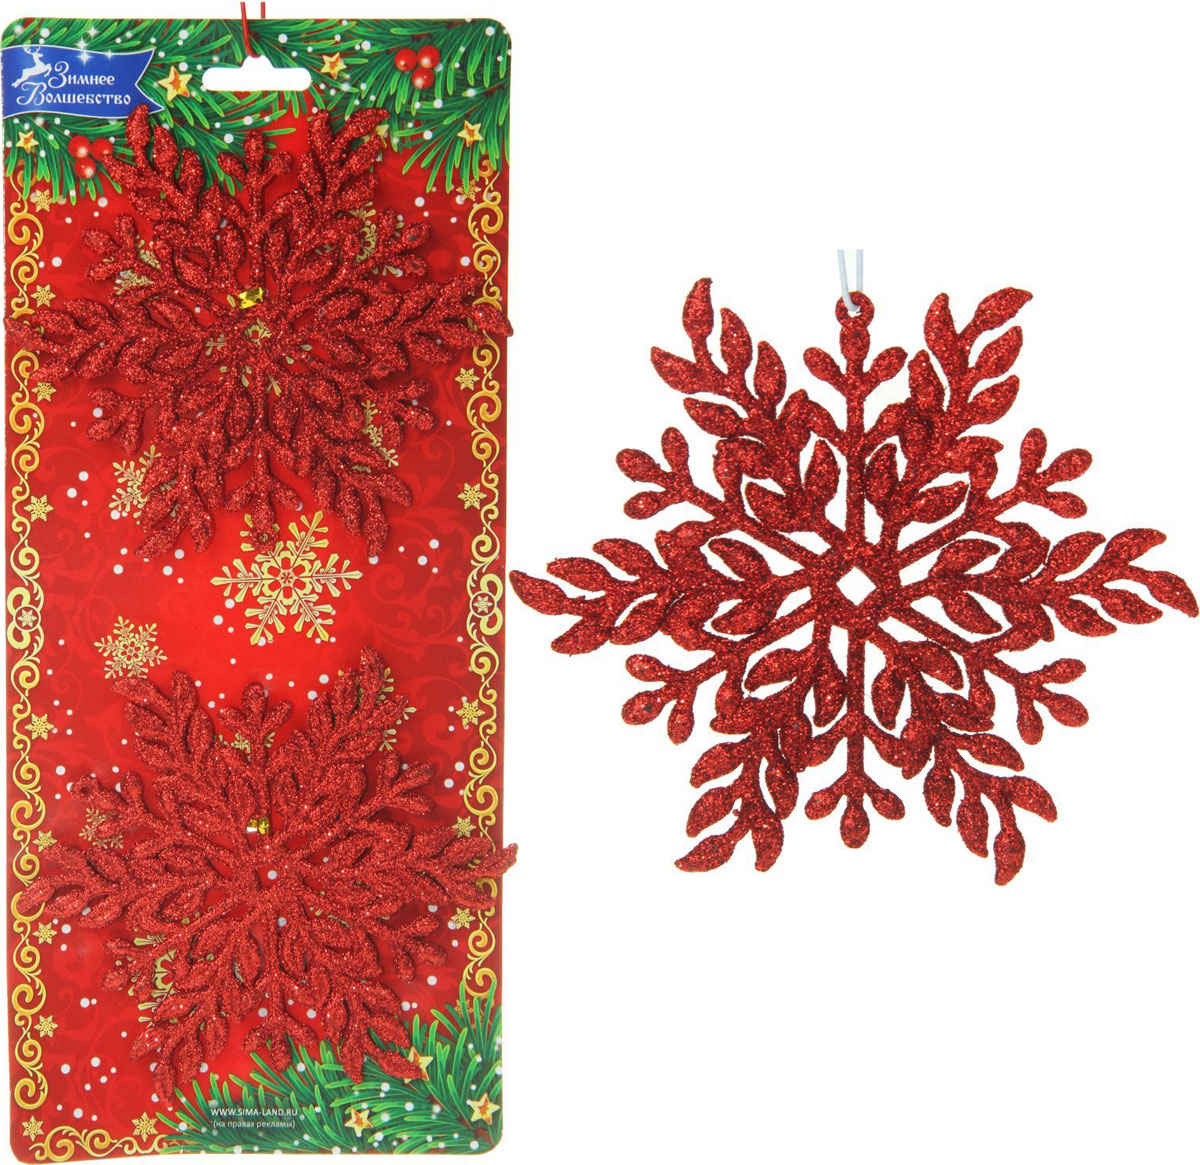 Новогоднее подвесное украшение Sima-land Красные снежинки, 12 х 12, 2 шт1399801Новогоднее украшение Sima-land отлично подойдет для декорации вашего дома и новогодней ели.Елочная игрушка - символ Нового года. Она несет в себе волшебство и красоту праздника. Такое украшение создаст в вашем доме атмосферу праздника, веселья и радости.